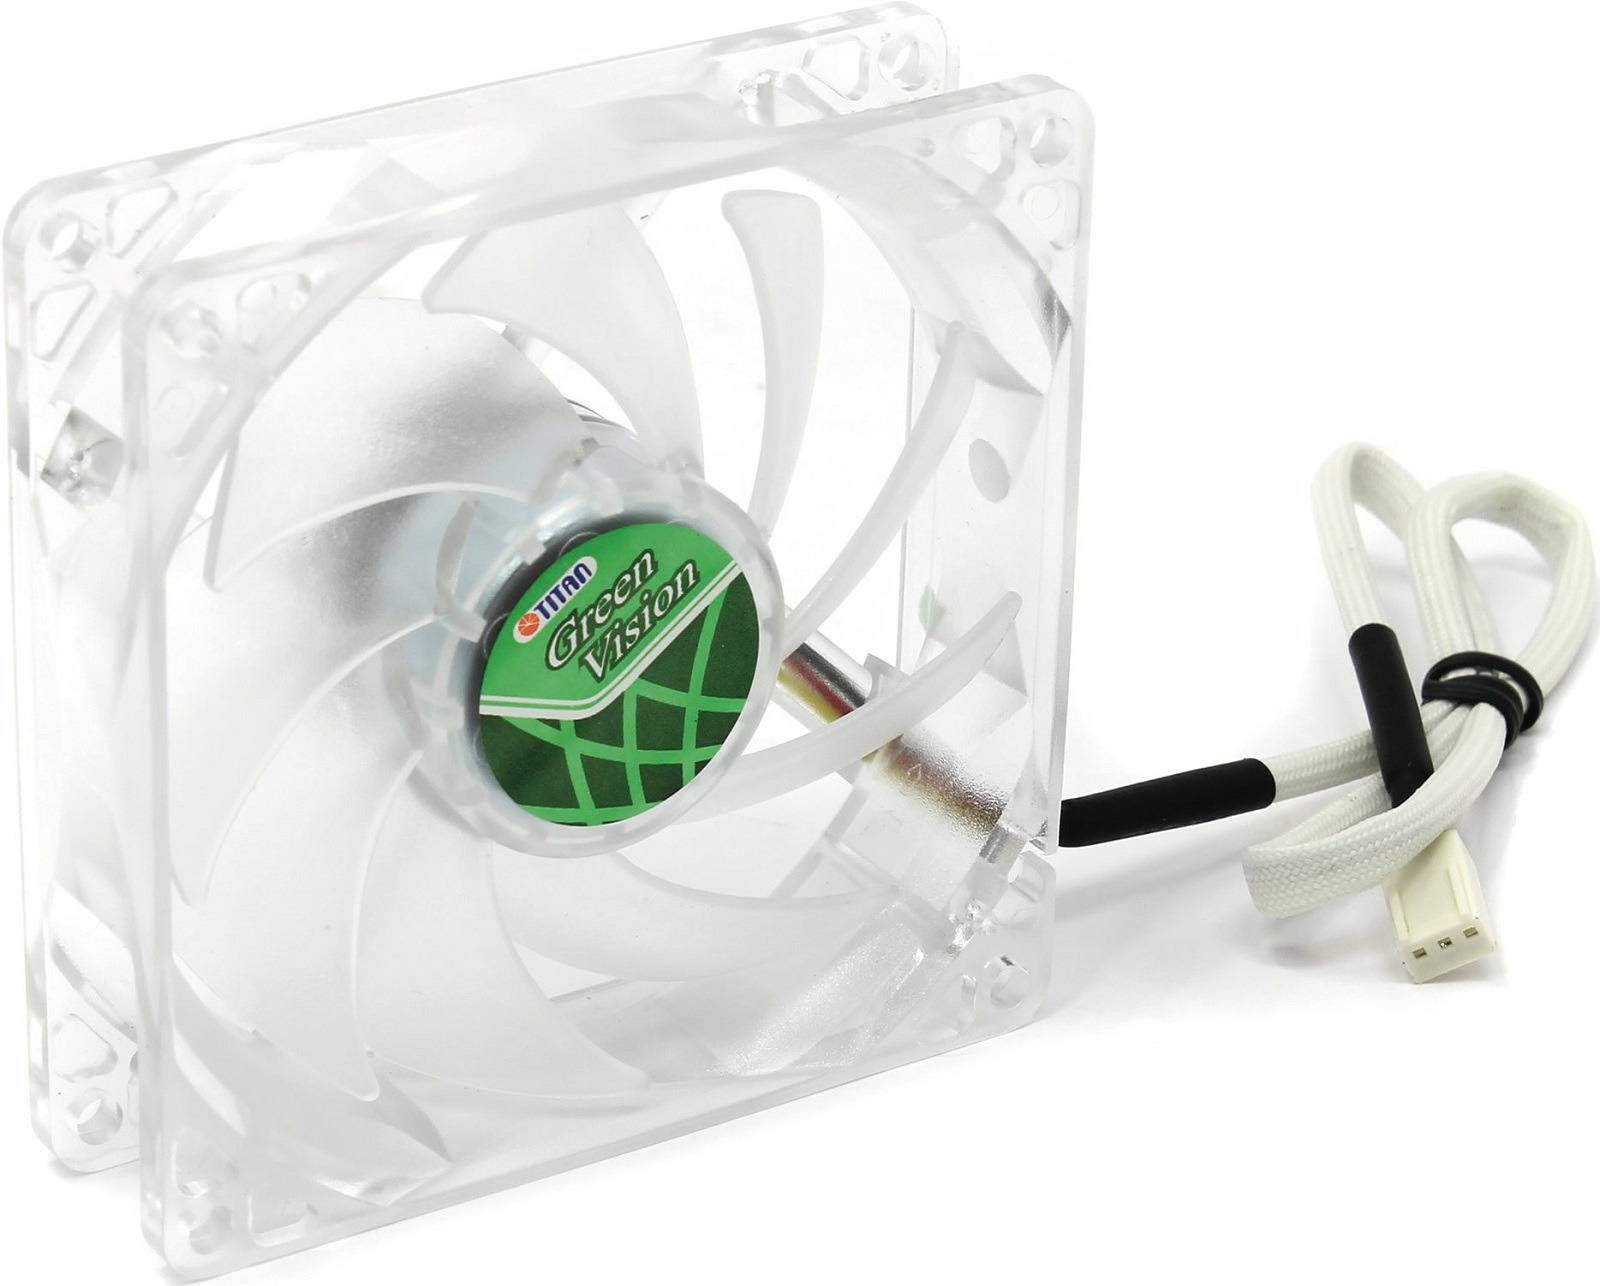 Вентилятор компьютерный Titan, TFD-9225GT12Z вентилятор канальный titan вк 200 круглый